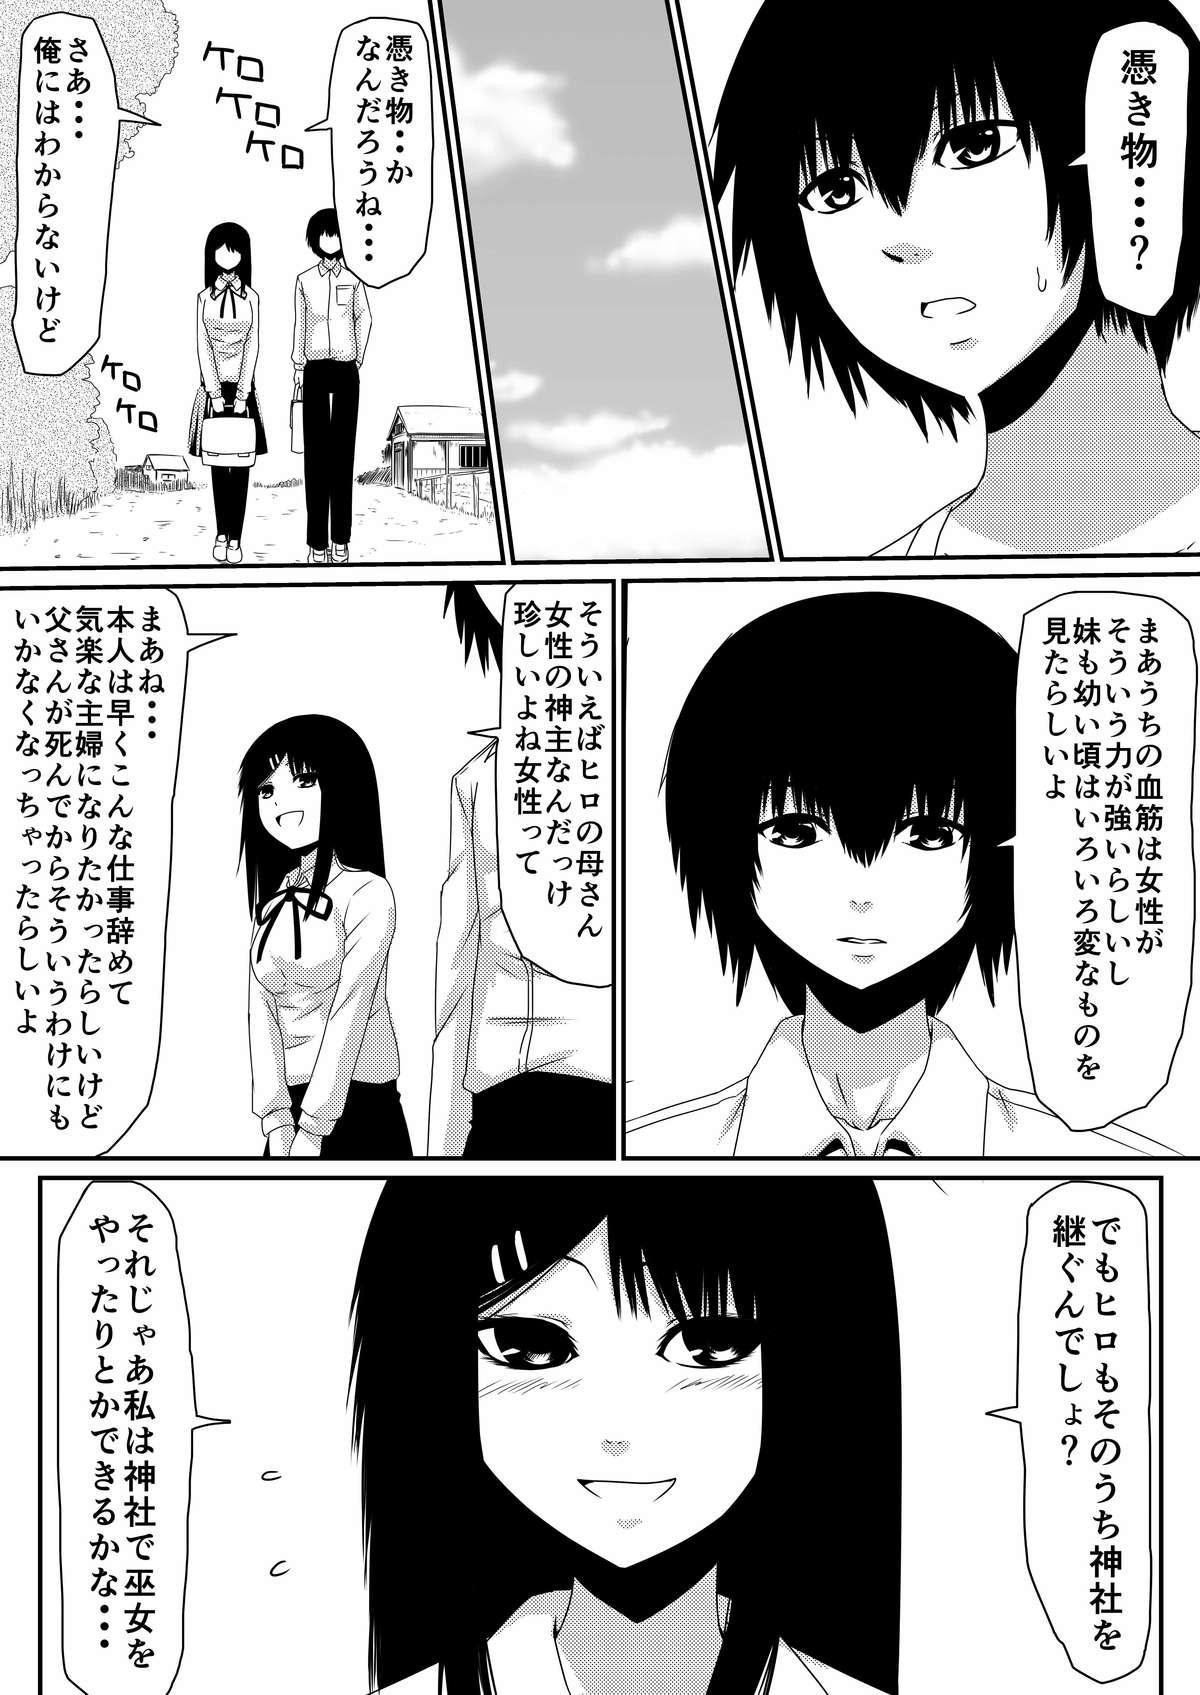 [Mikezoutei] Mashou no Chinko o Motsu Shounen ~Kare no Dankon wa Josei o Mesu e to Kaeru~ Zenpen 42